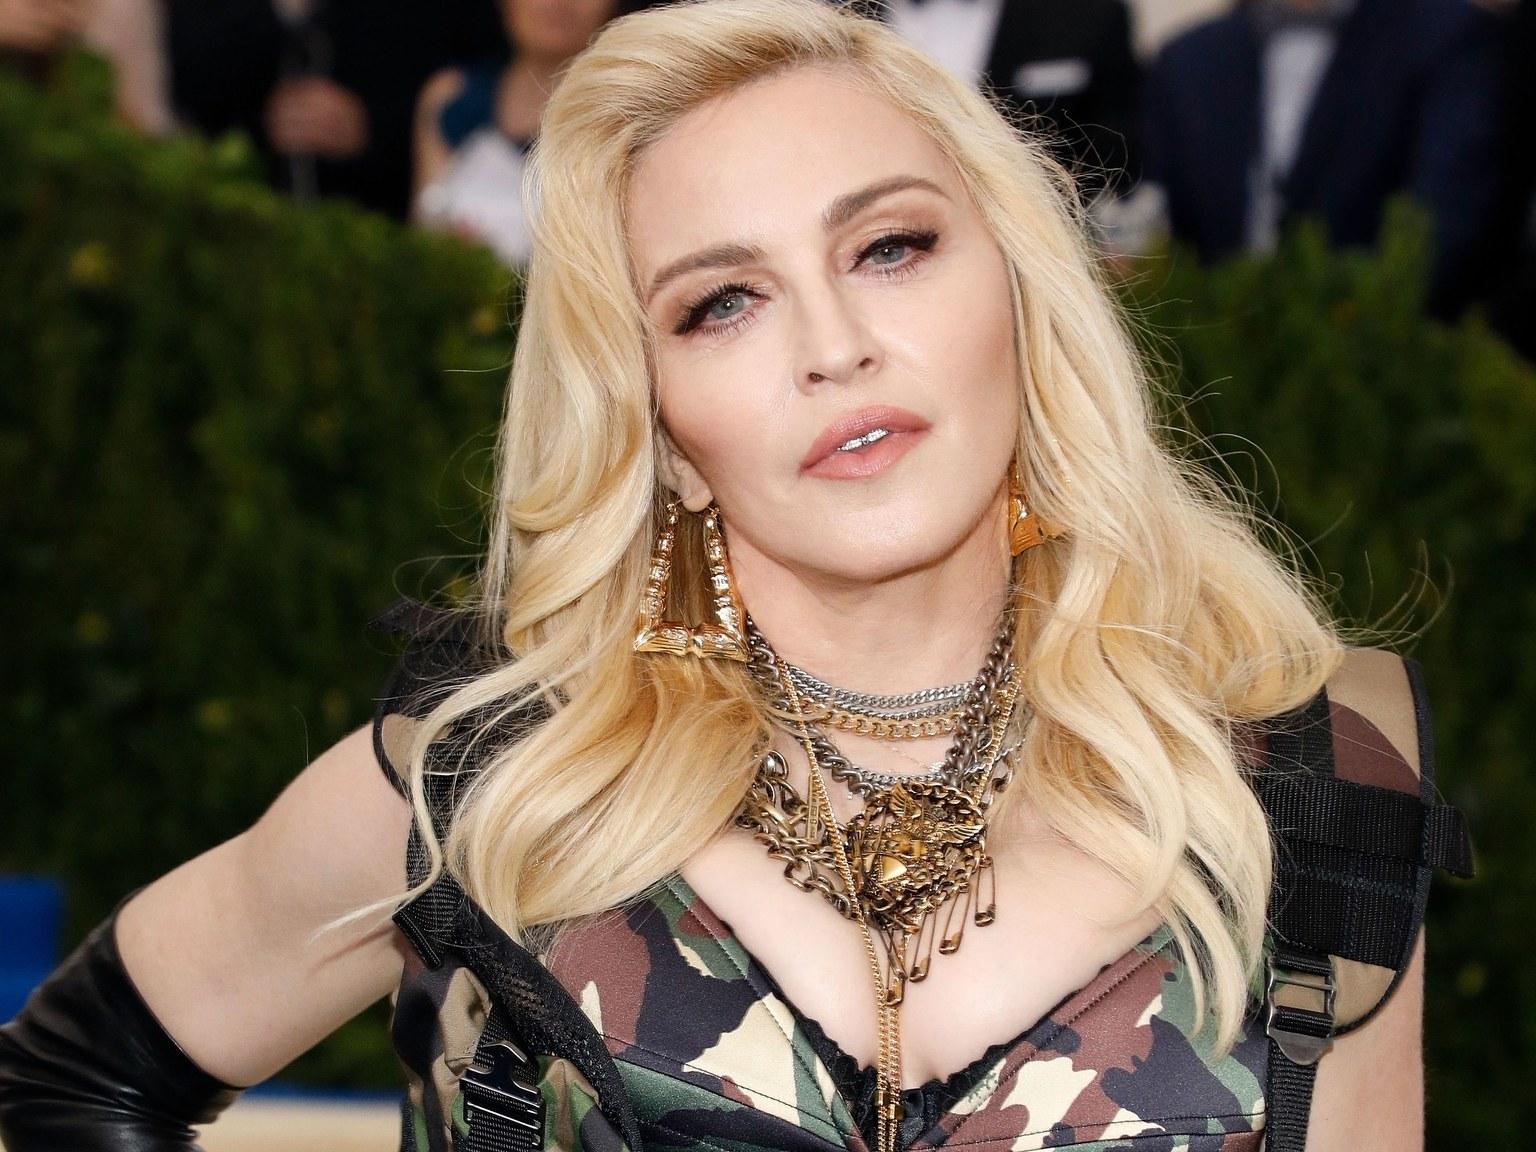 Η Madonna άργησε και έχασε μερικά από τα αγαπημένα της αντικείμενα!